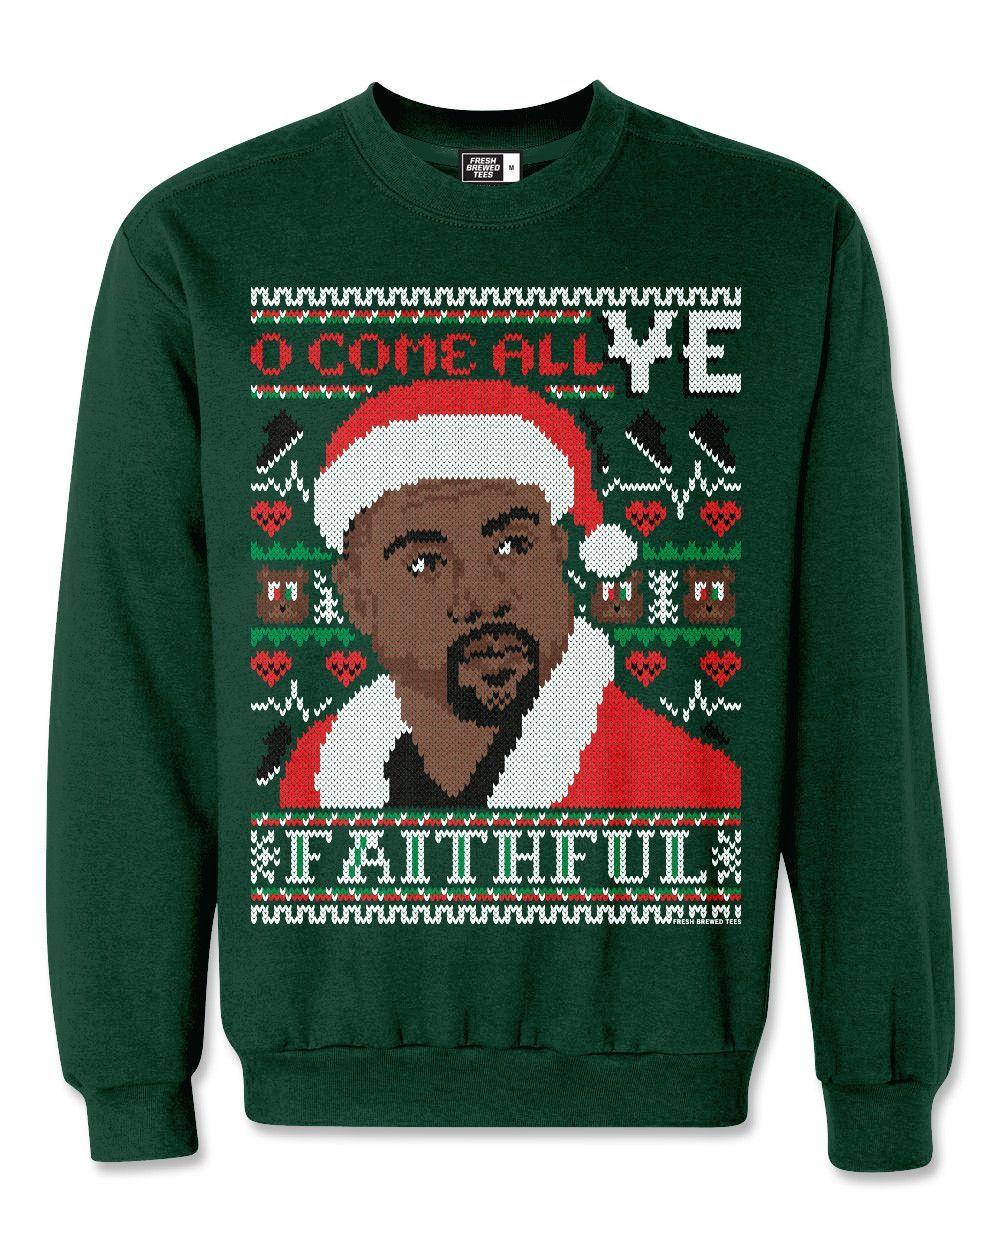 O Come All YE Faithful Ugly Christmas Sweatshirt   yeezus ...